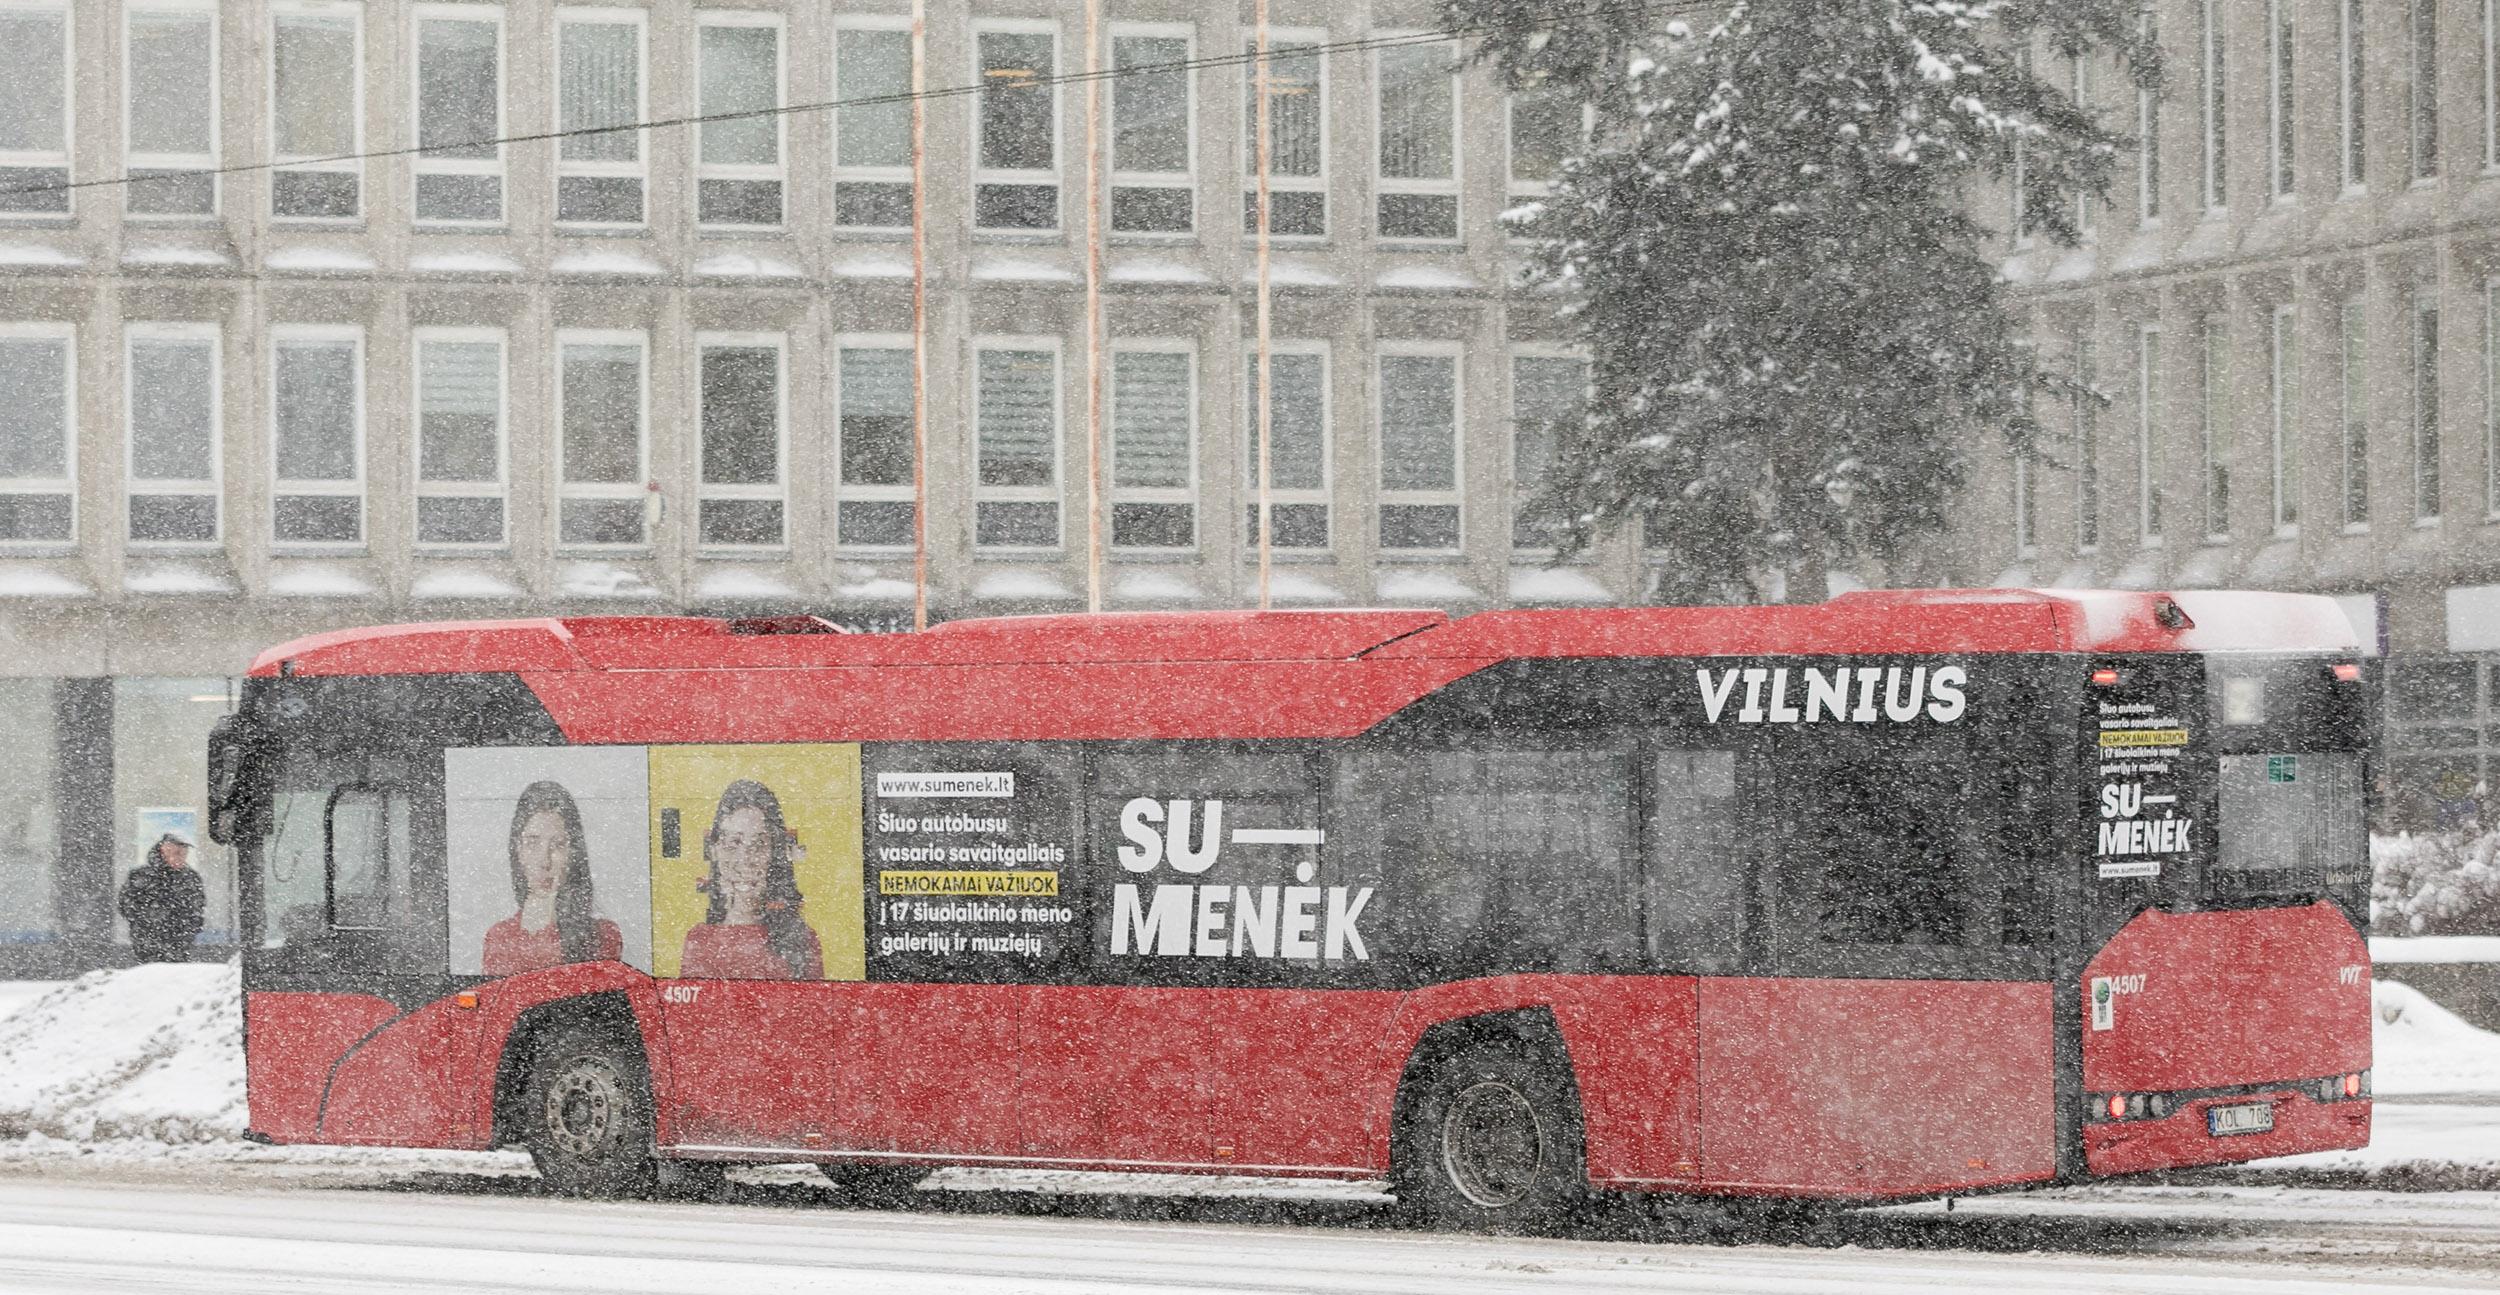 SU-MENĖK sėkmės istorija: iki 8 kartų išaugo apsilankymai sostinės šiuolaikinio meno galerijose | Vilniaus miesto savivaldybės nuotr.